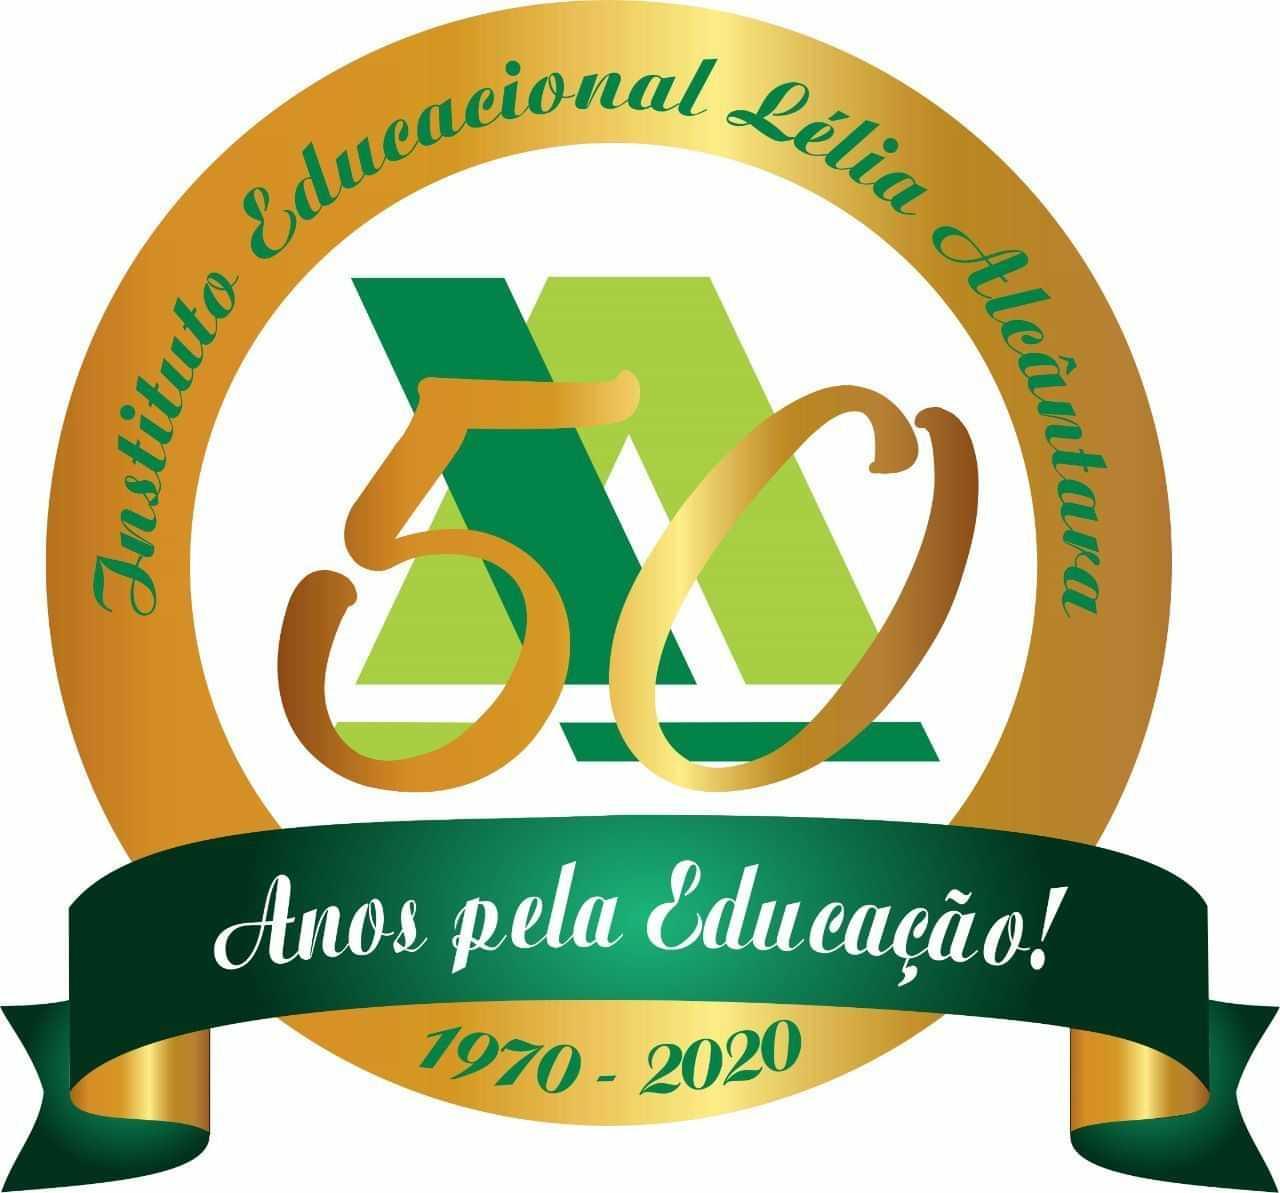 Instituto Educacional Lélia Alcântara